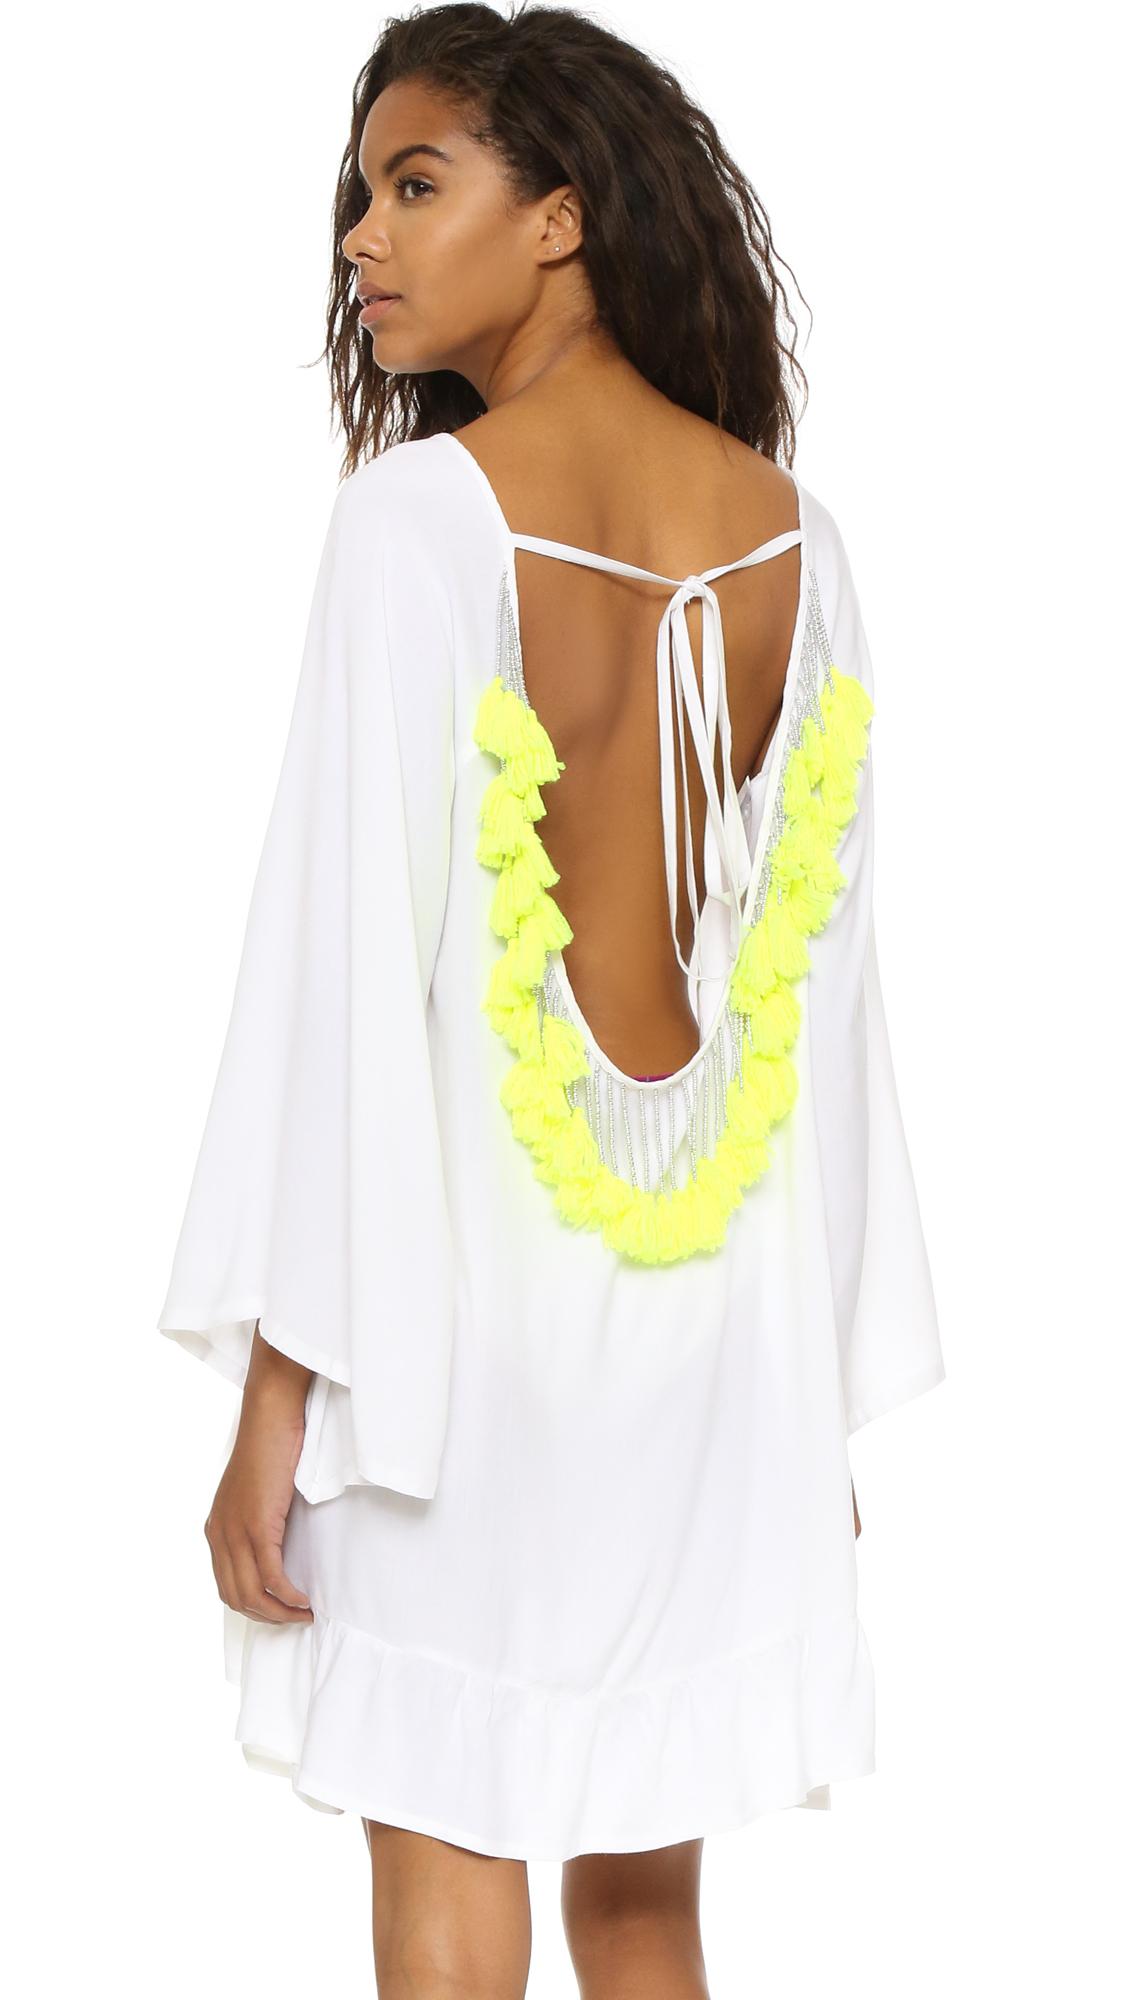 SUNDRESS Indiana Basic Short Beach Dress - White/Neon Yellow